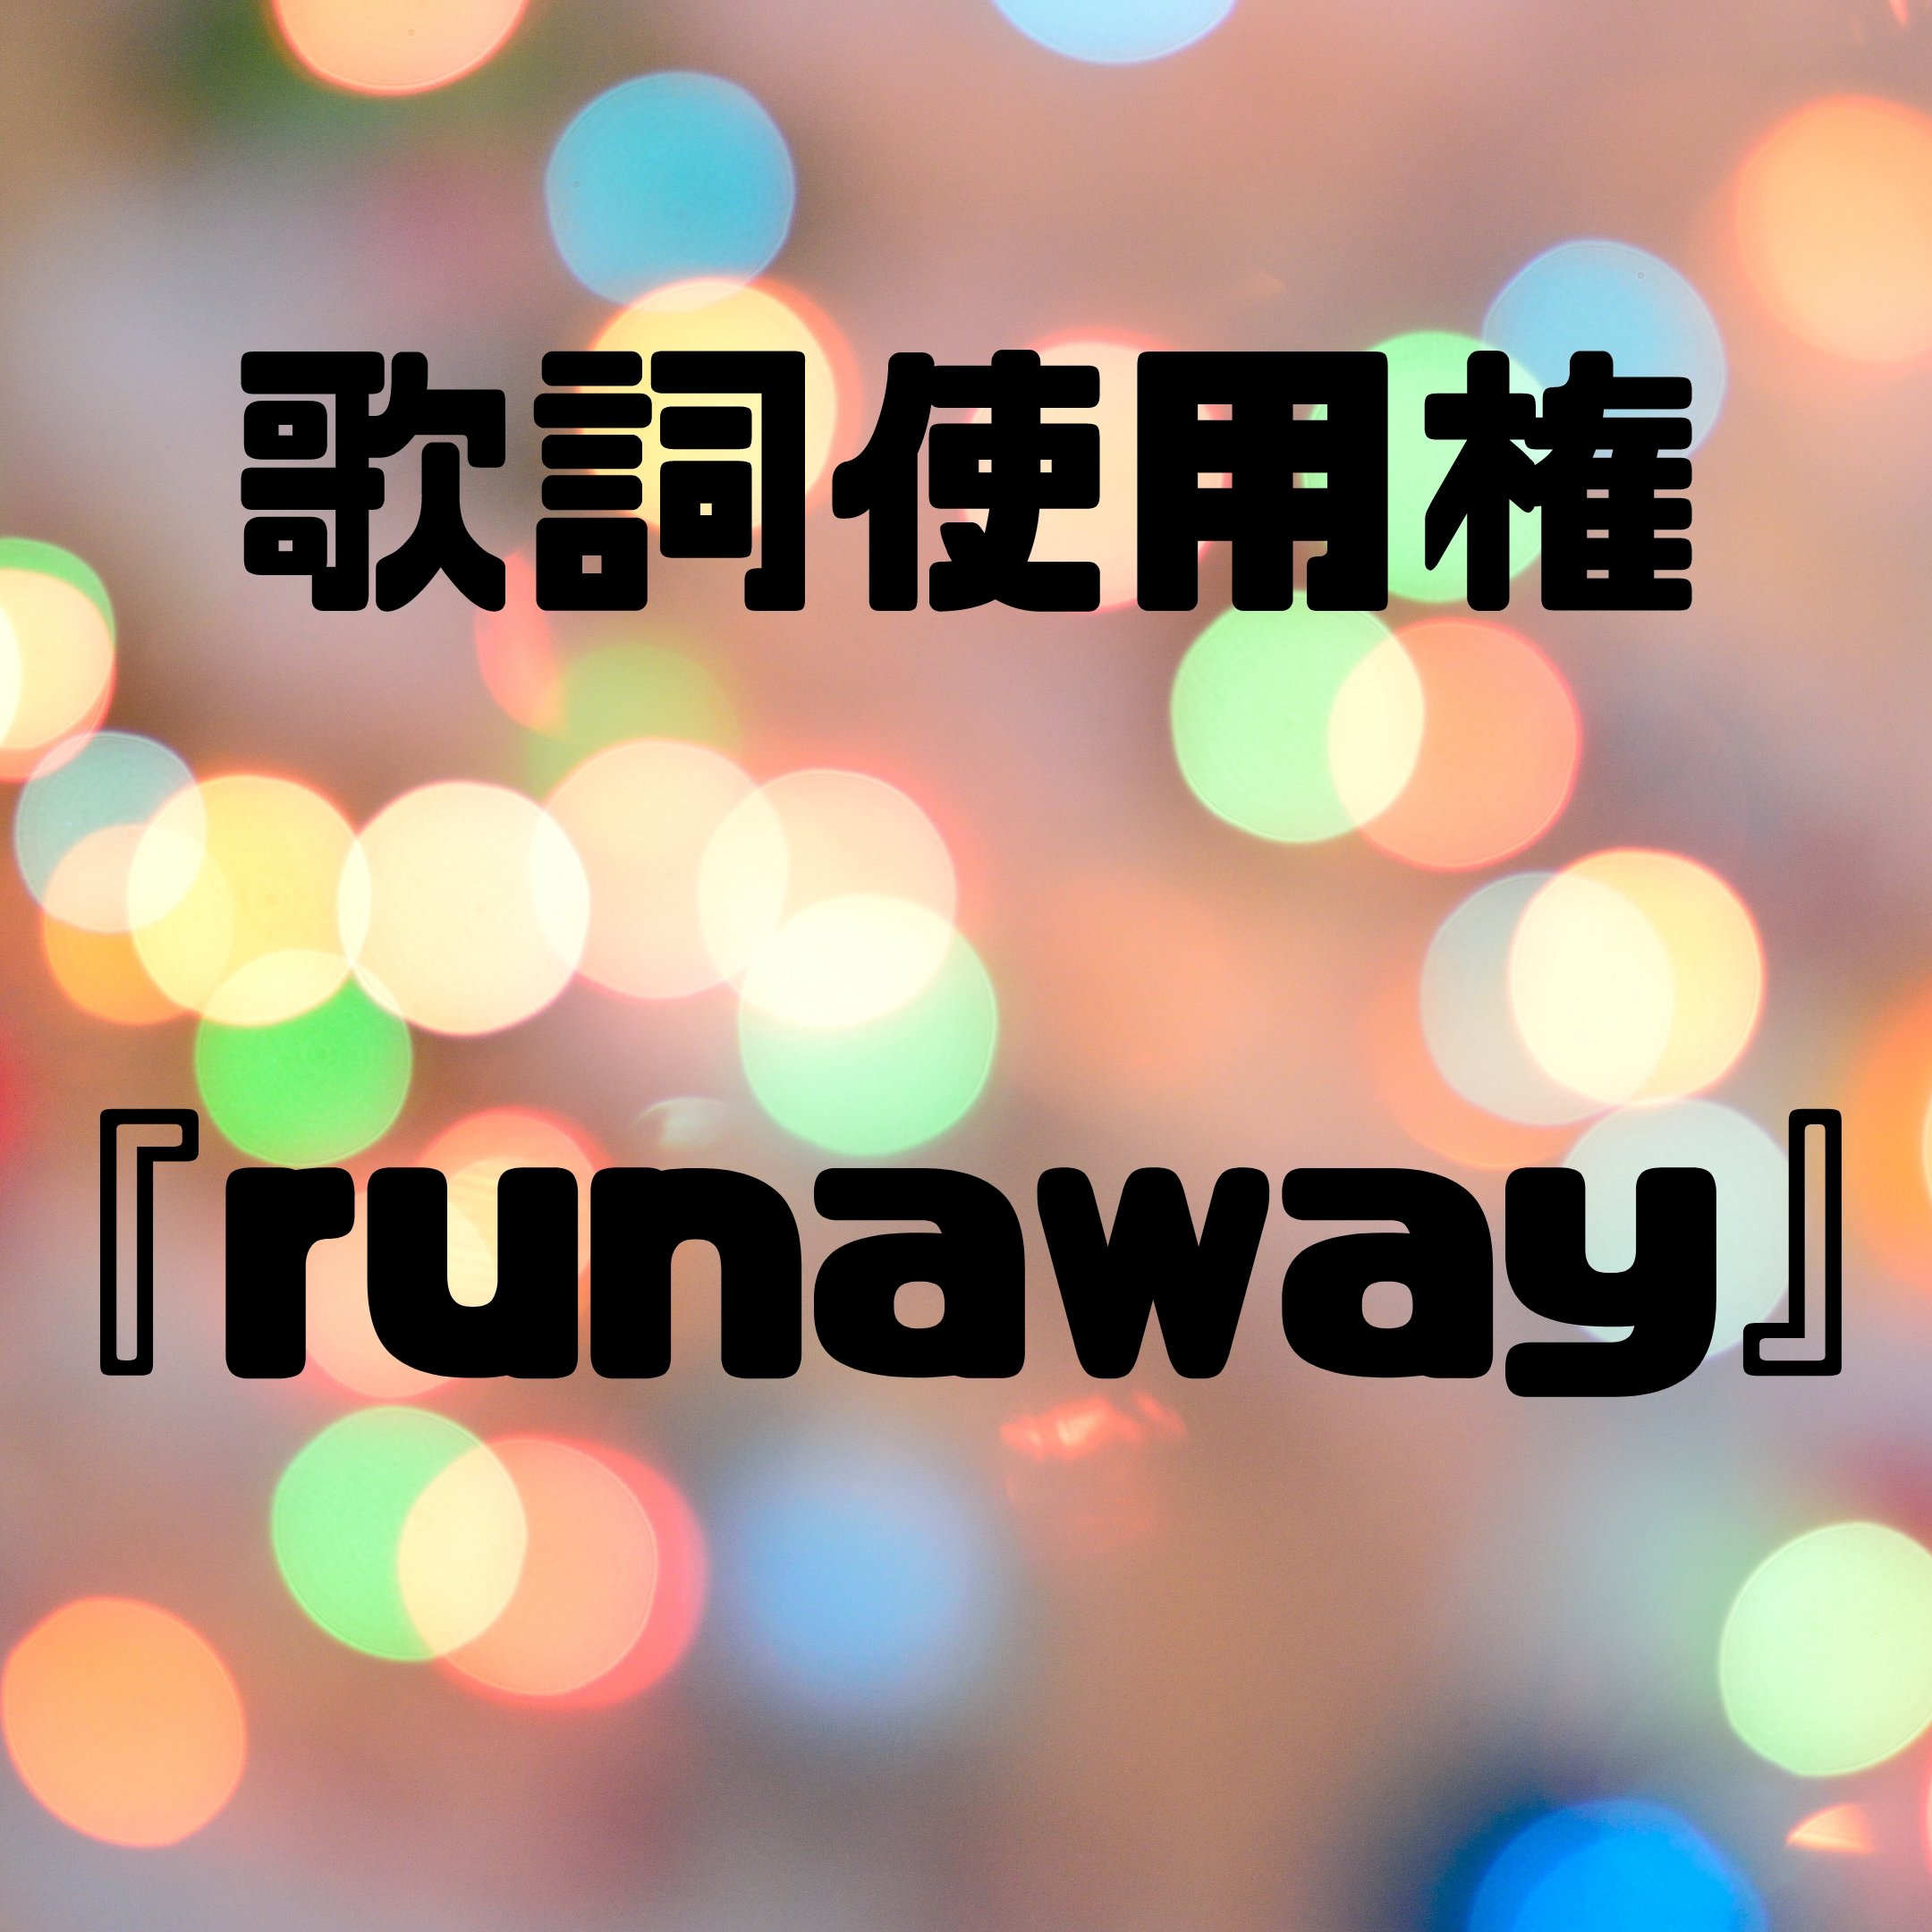 【歌詞使用権】runawayのイメージその1